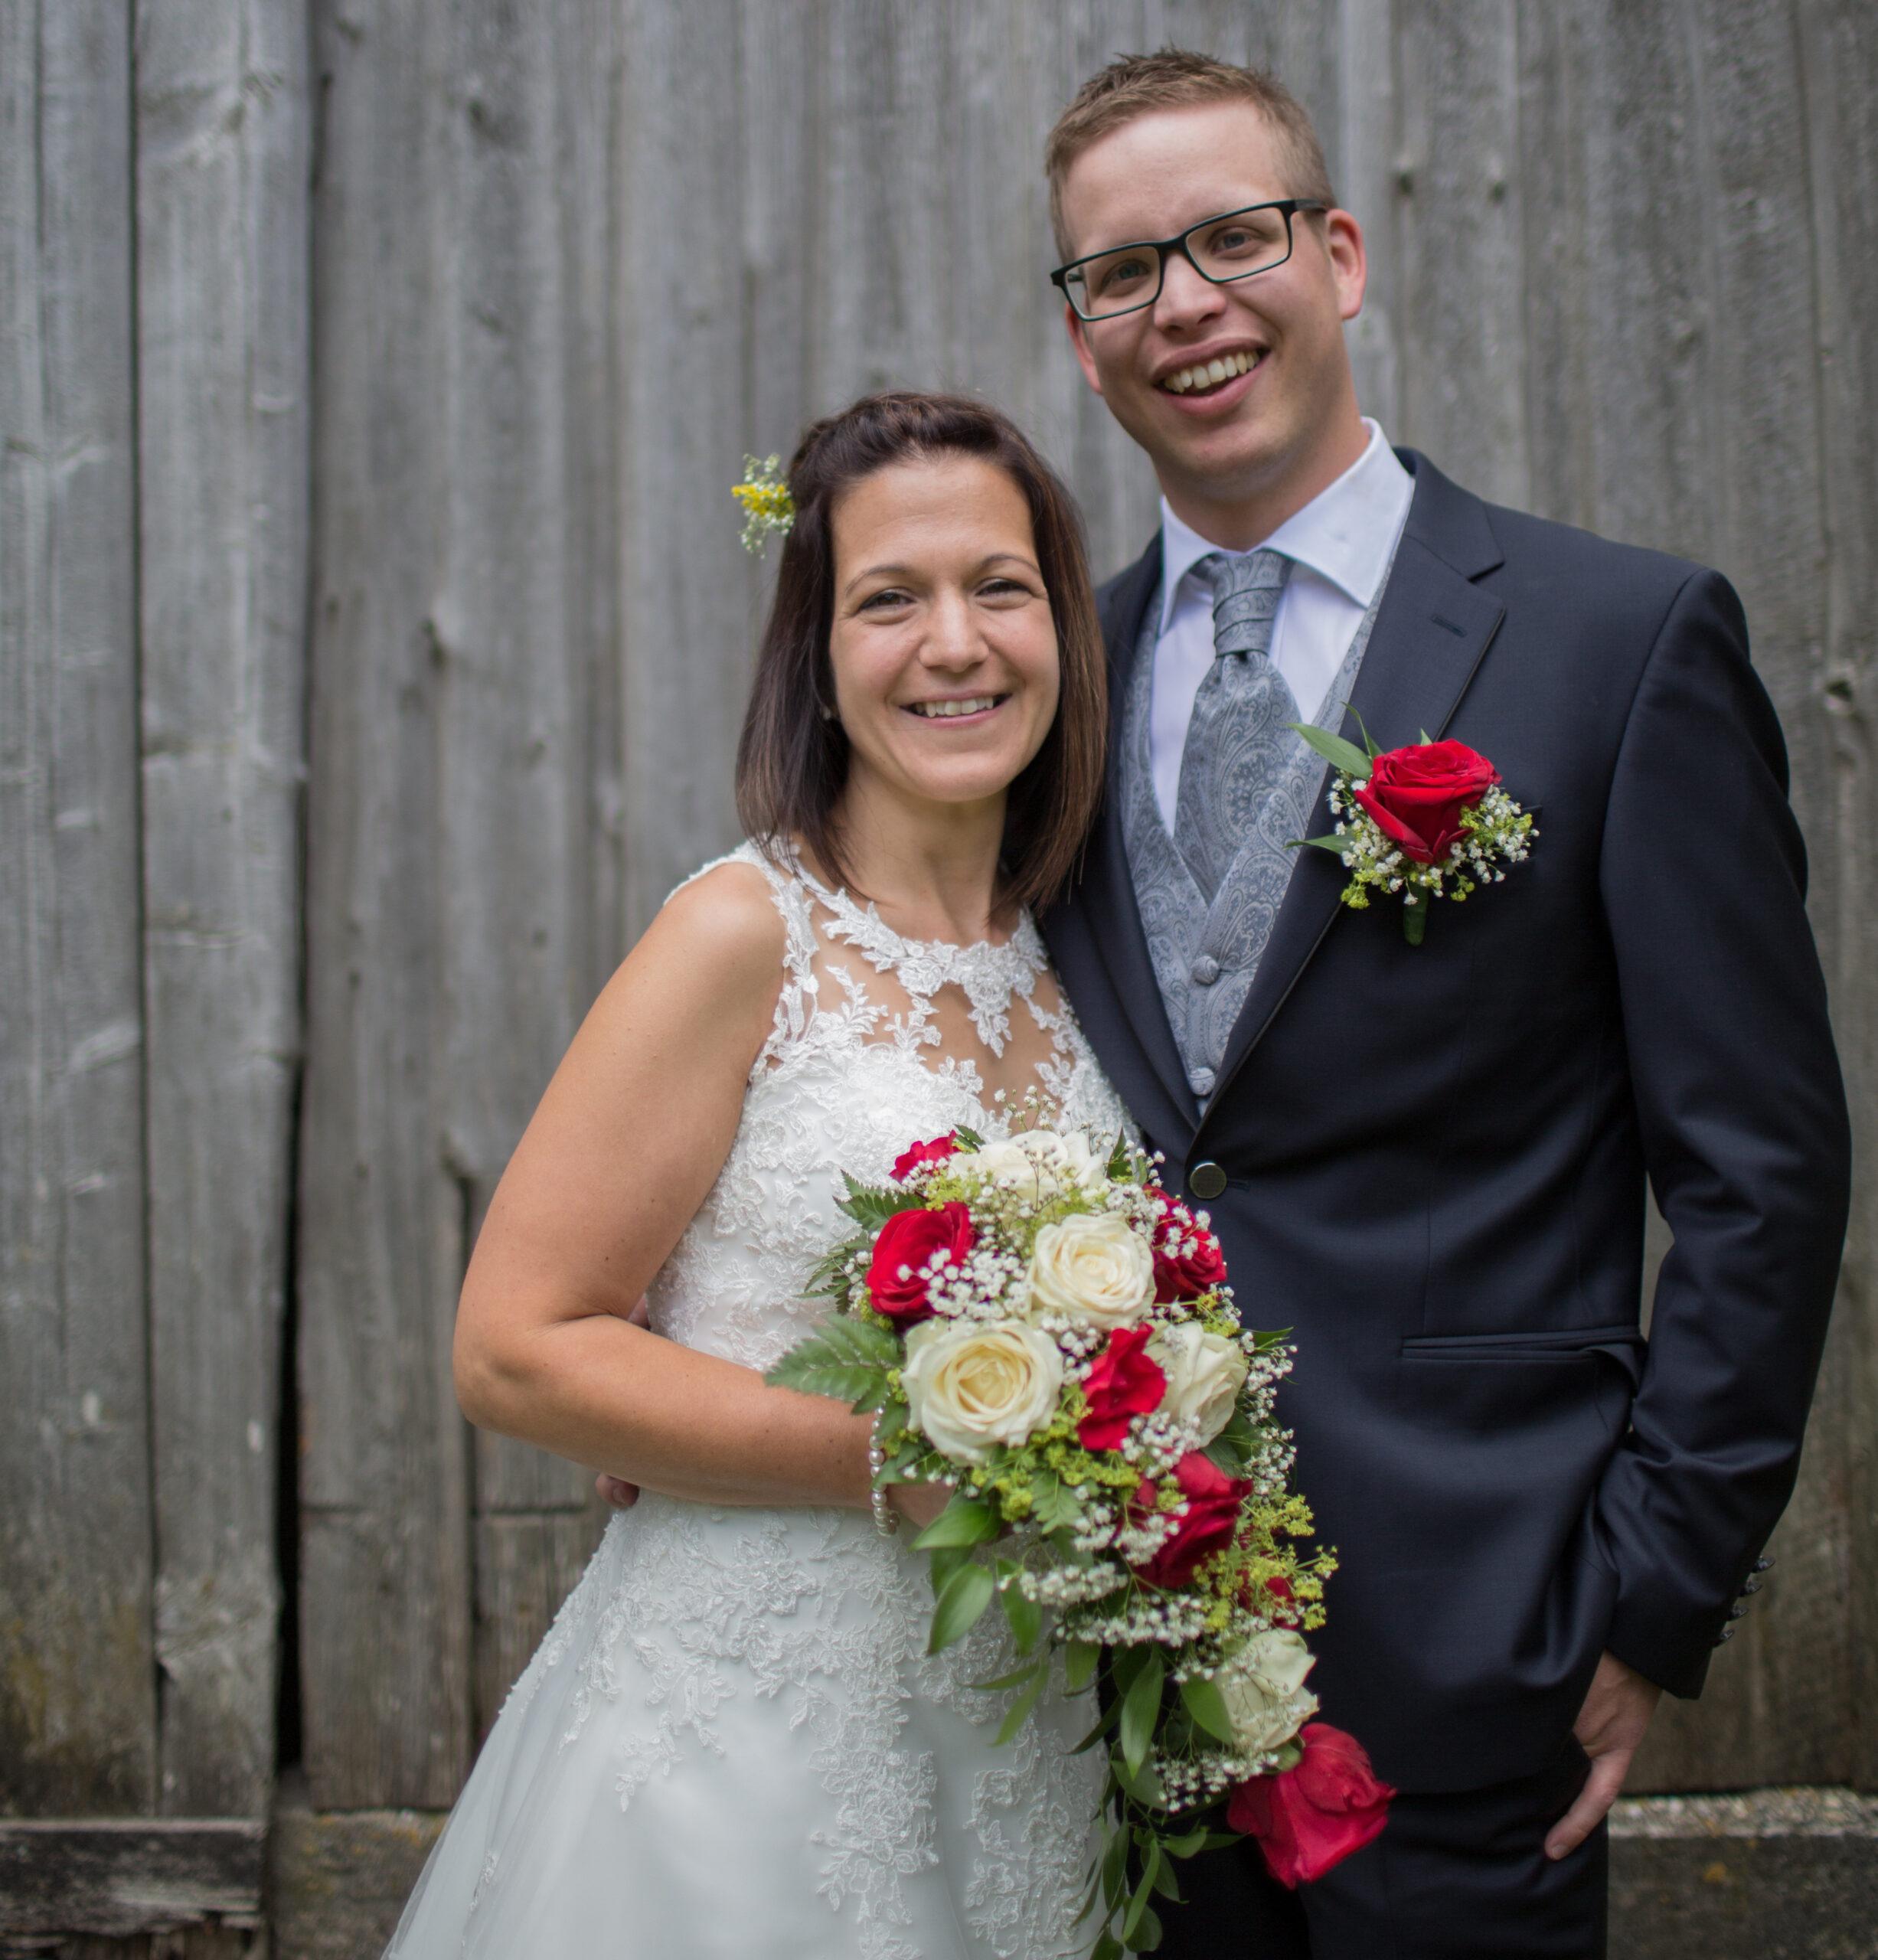 Sandra Schmidt & Johannes Gundacker